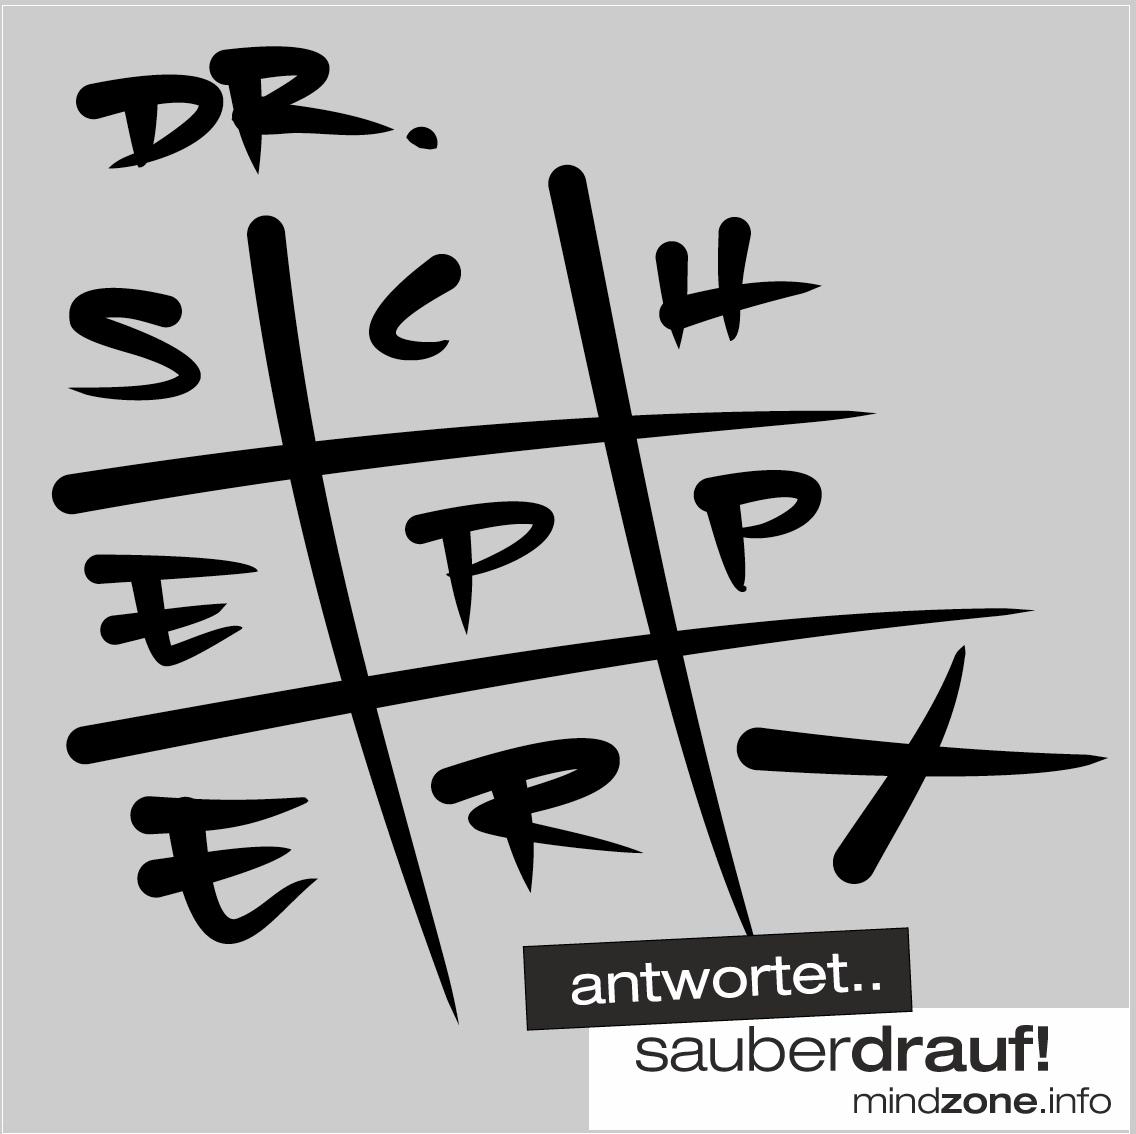 Virtueller-Mindzone-Infostand-Dr.Schepper-antwortet